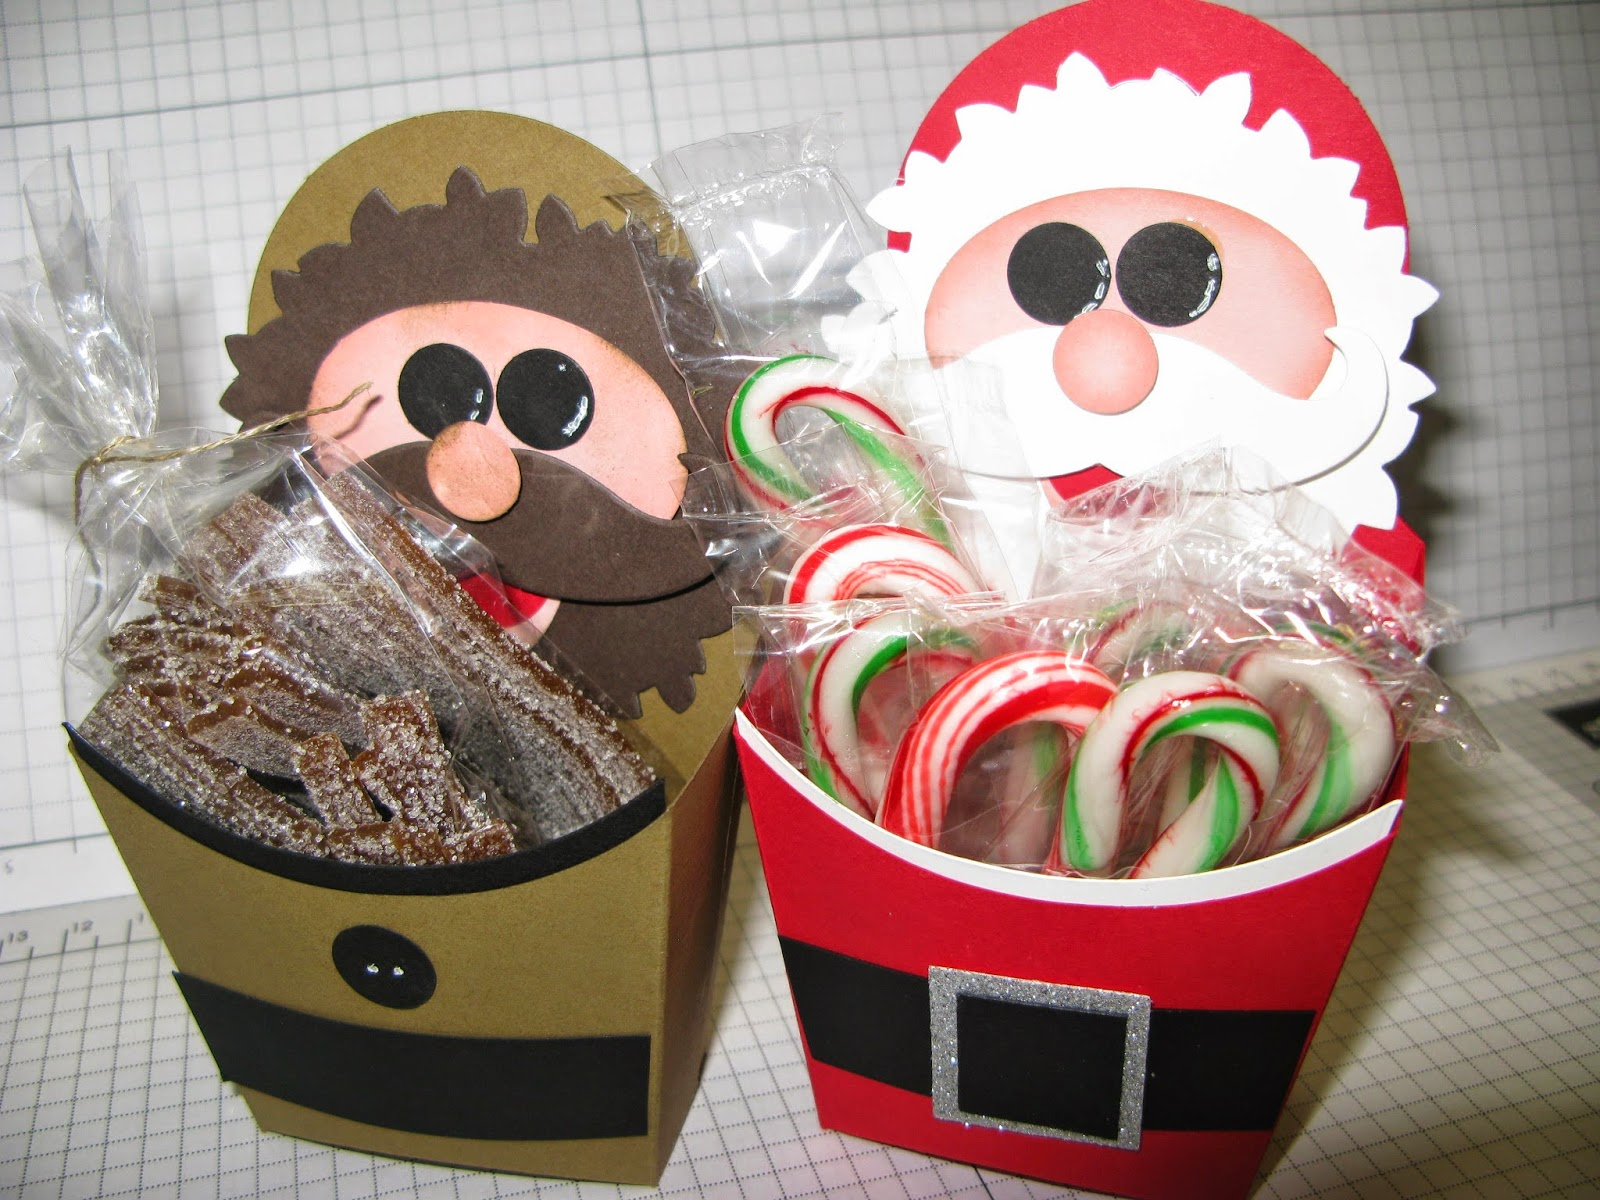 stampin mit scraproomboom mein beitrag zum bloghop winter weihnachten nikolaus und knecht. Black Bedroom Furniture Sets. Home Design Ideas